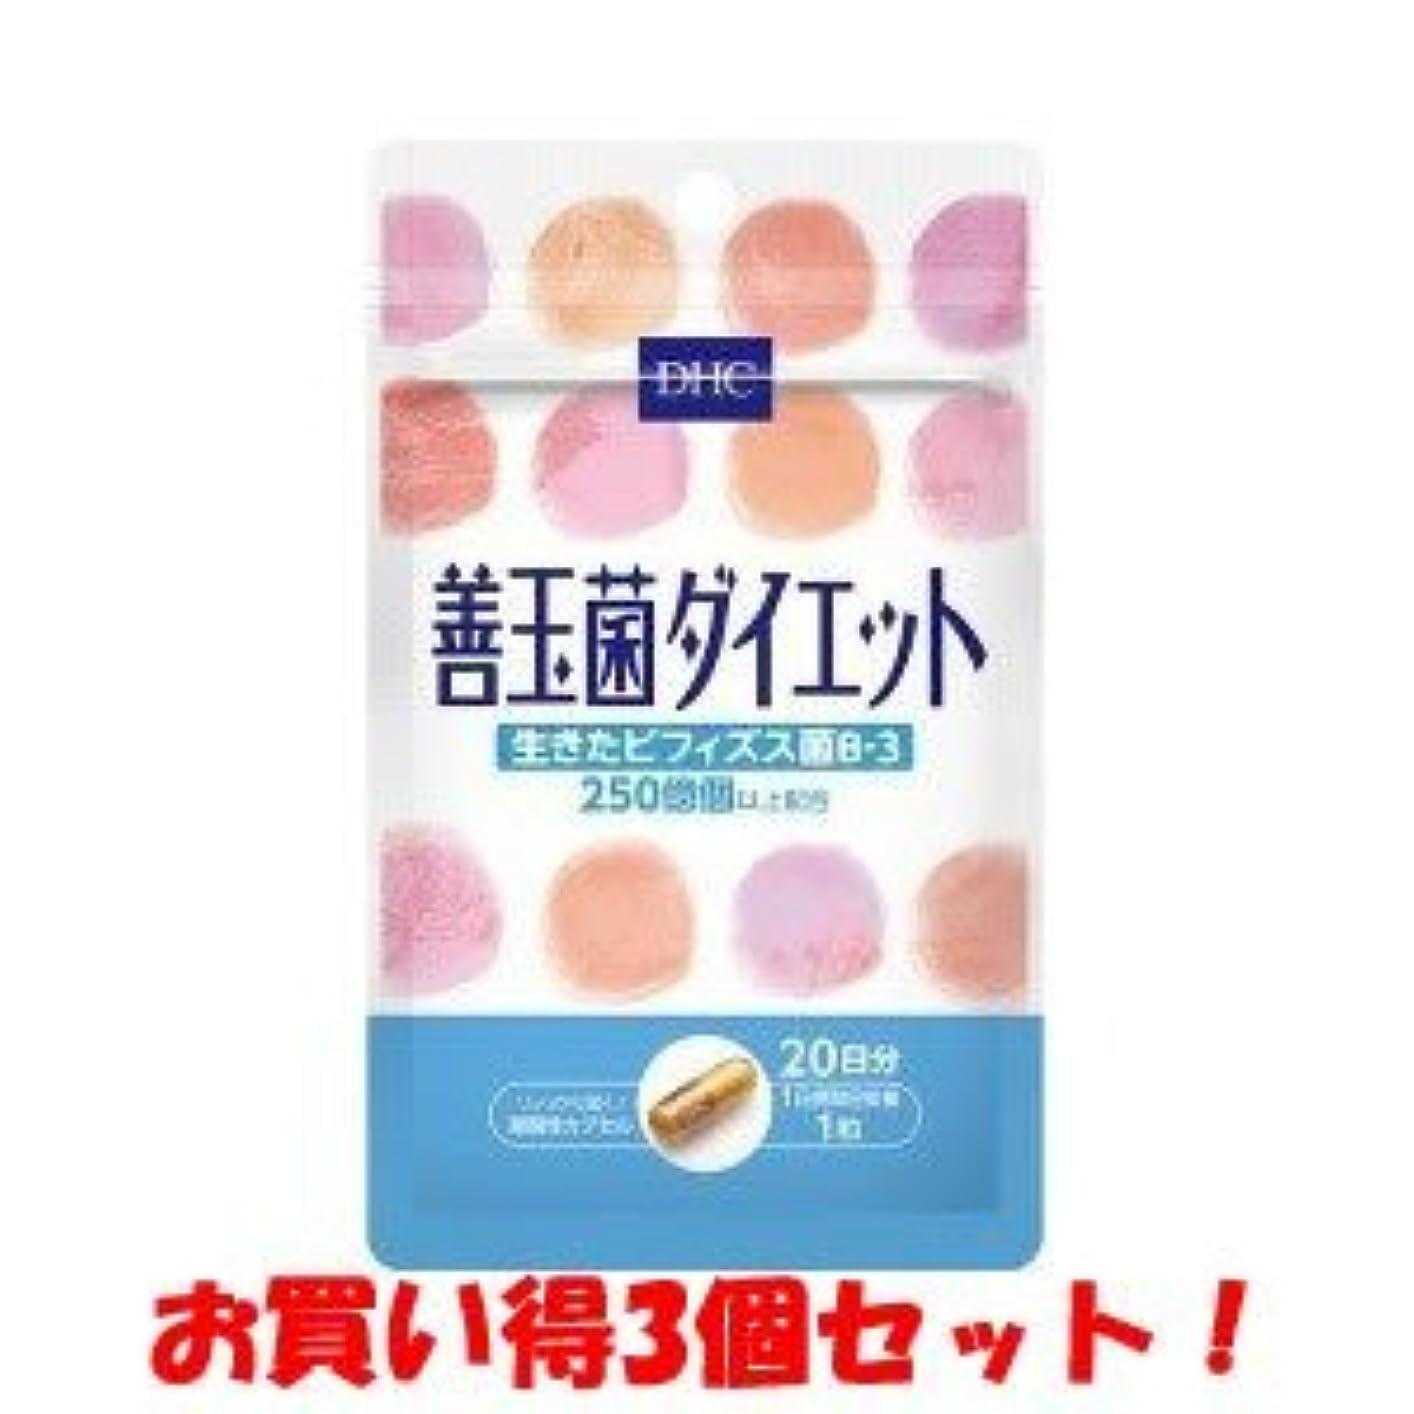 盆農村動物園DHC 20日善玉菌ダイエット 6.9g/新商品/(お買い得3個セット)